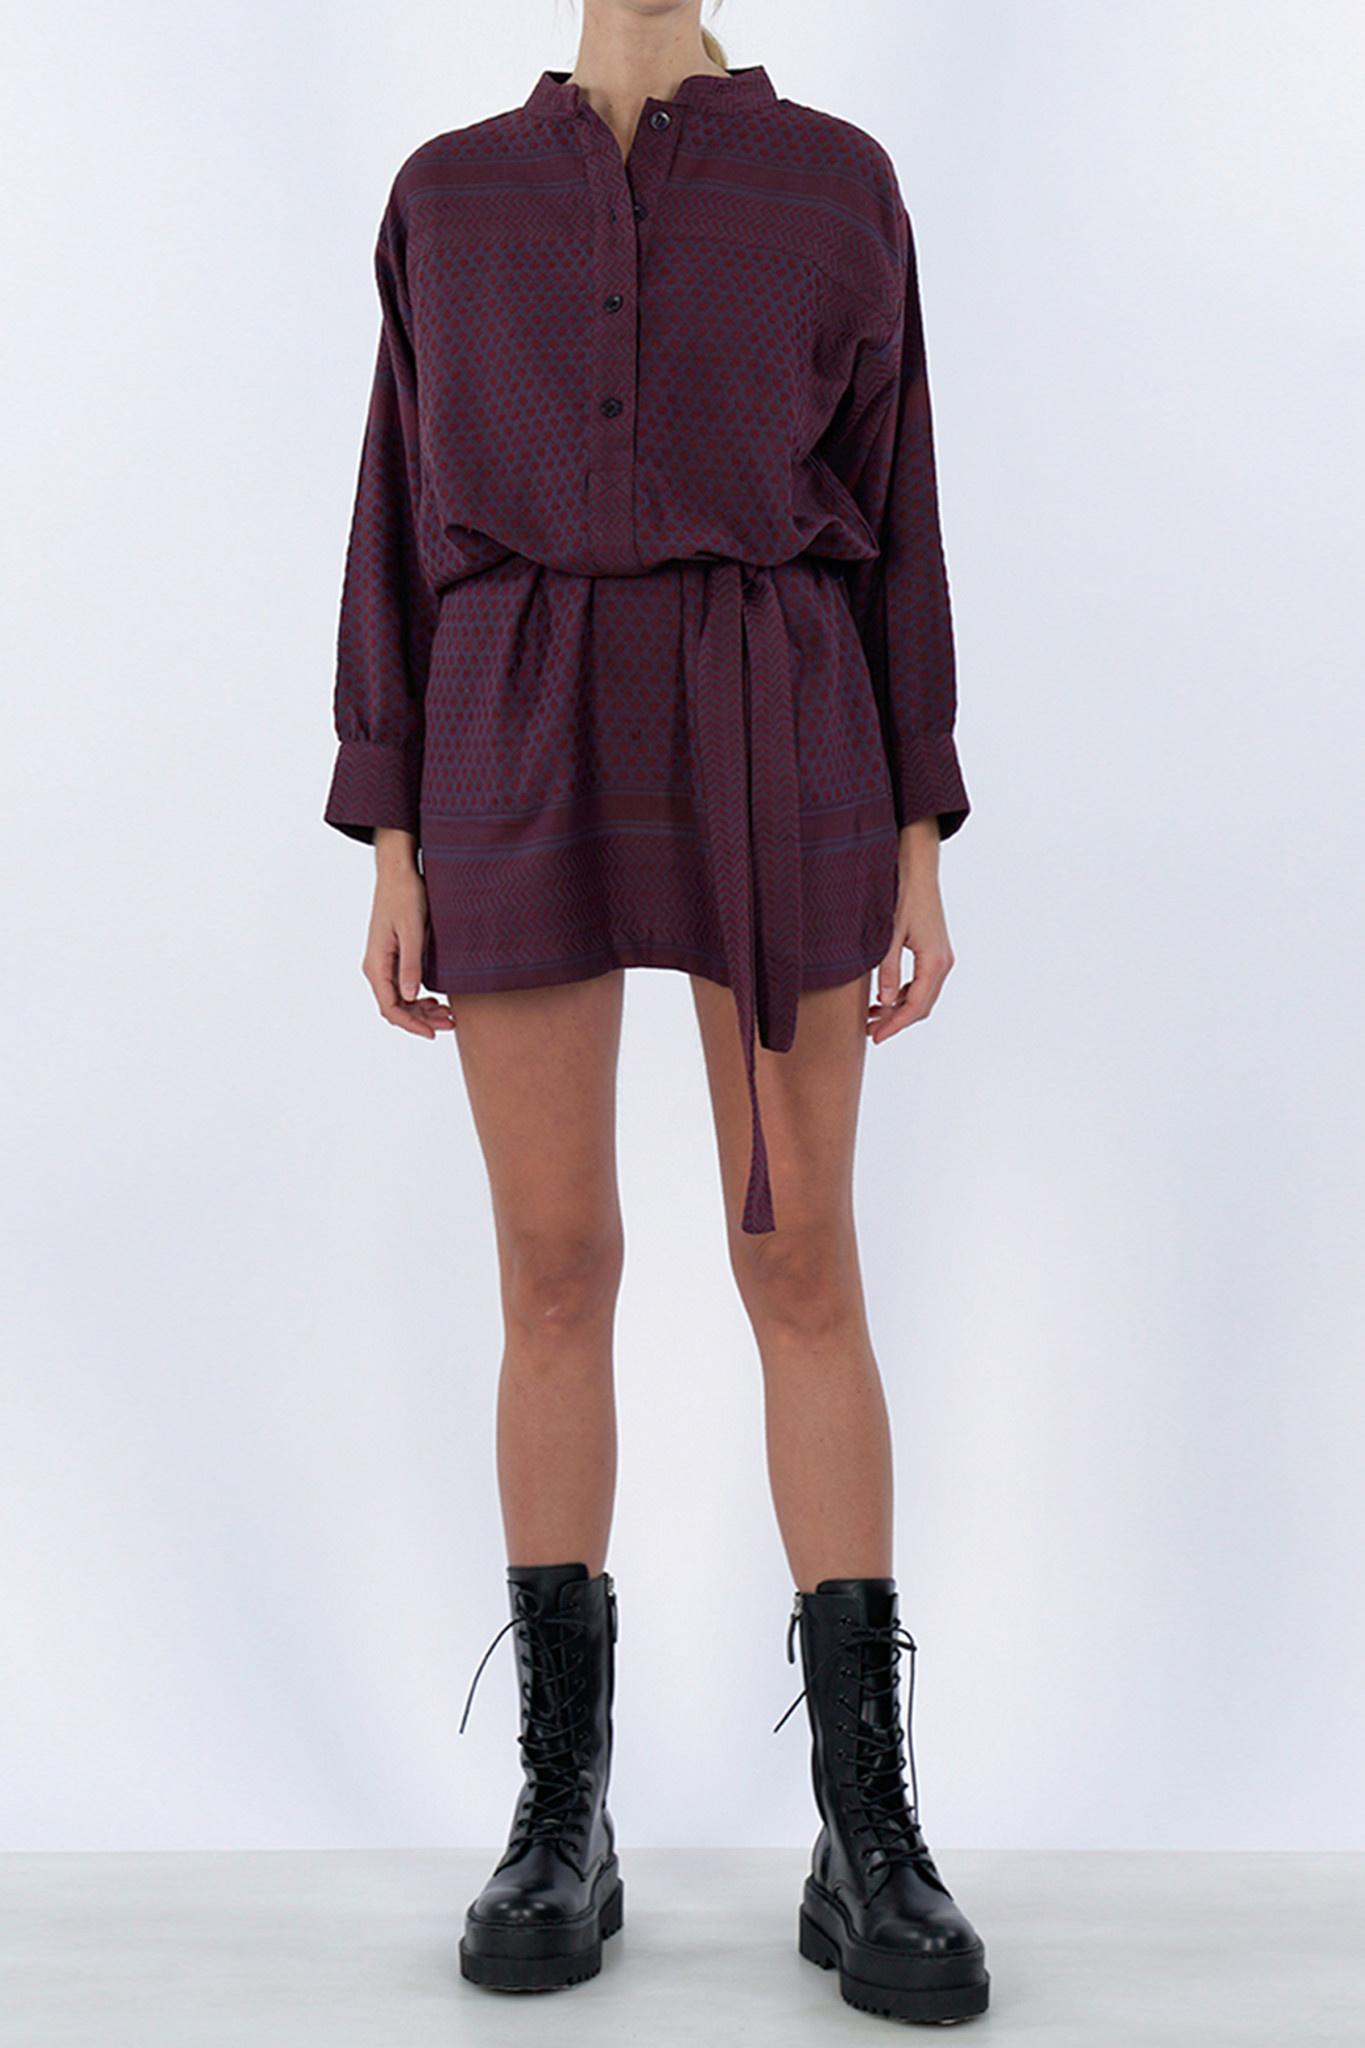 Leila K Dress - Red/Purple-1